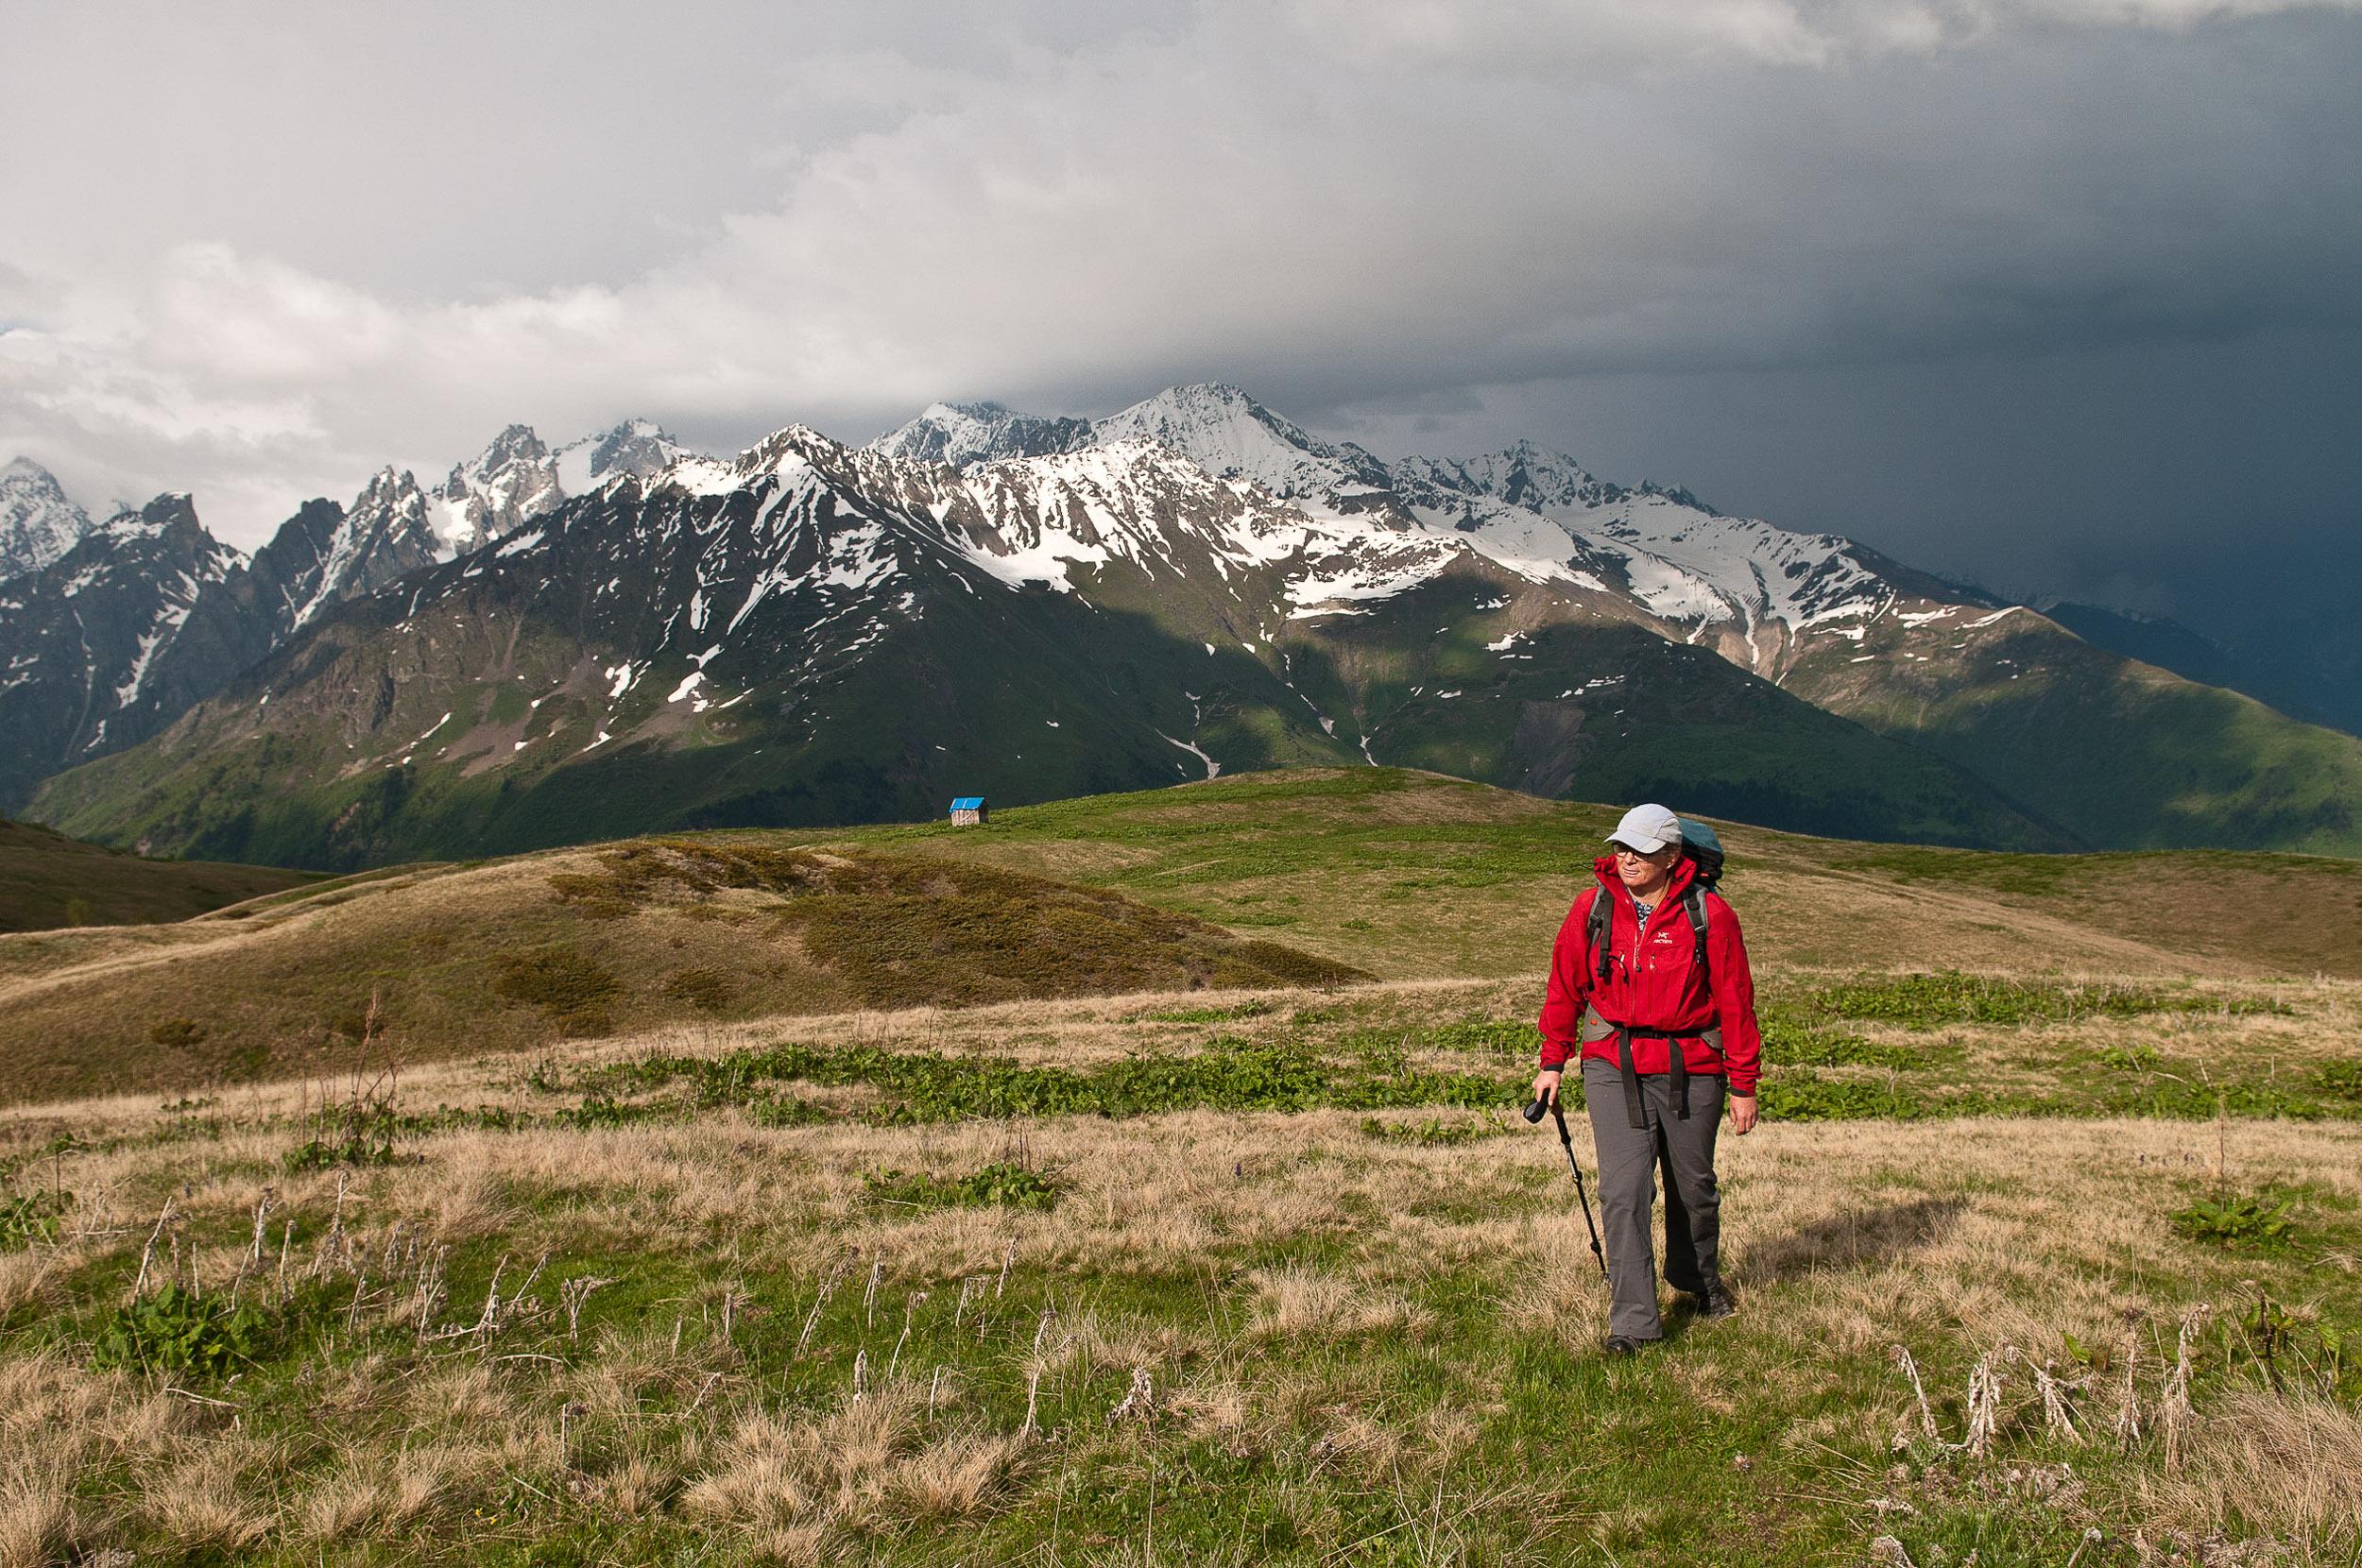 Woman trekking amongst mountains, Mestia, Georgia.